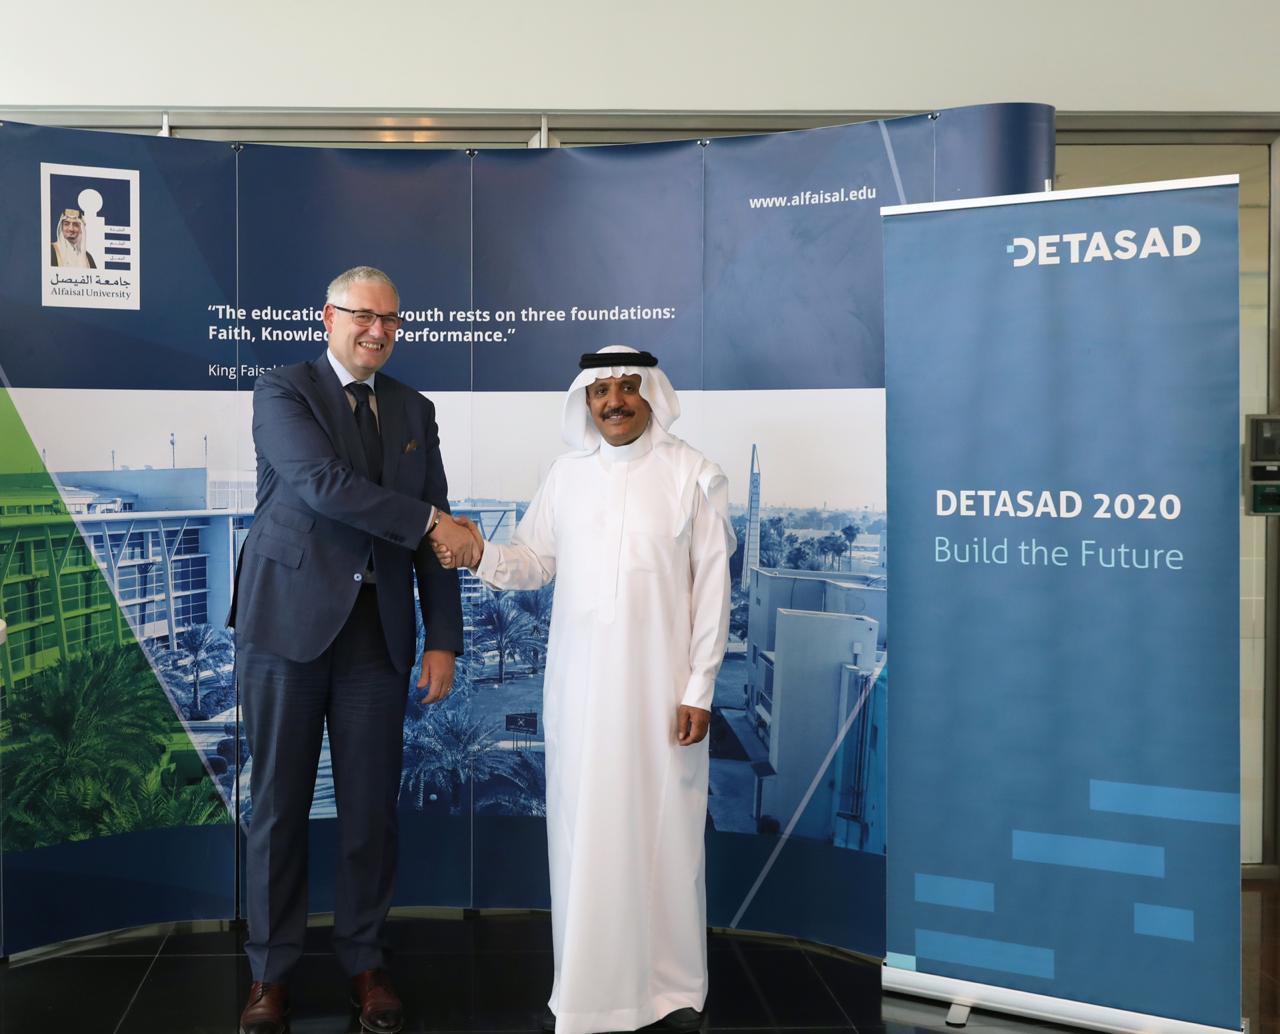 مشروع خيال يشعل شراكة جديدة مع شركة ديتساد و جامعة الفيصل  WSB